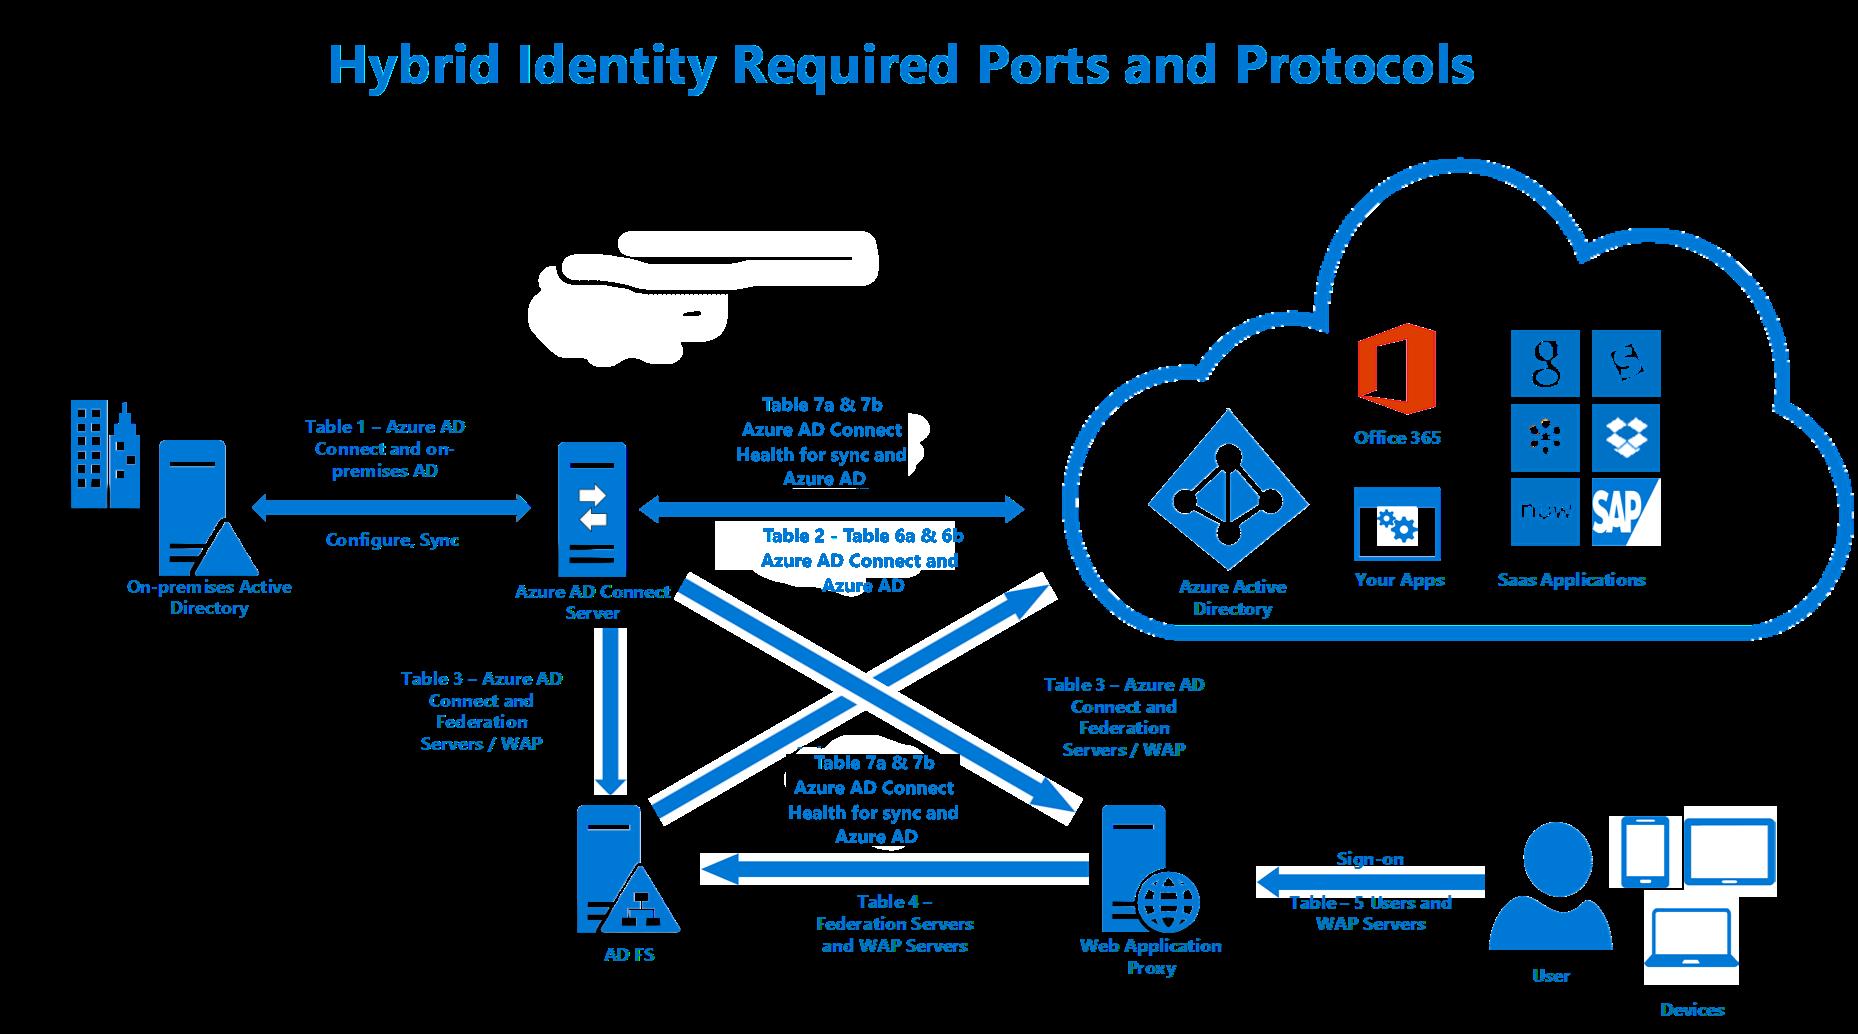 La Identidad H 237 Brida Requer 237 A Puertos Y Protocolos Azure